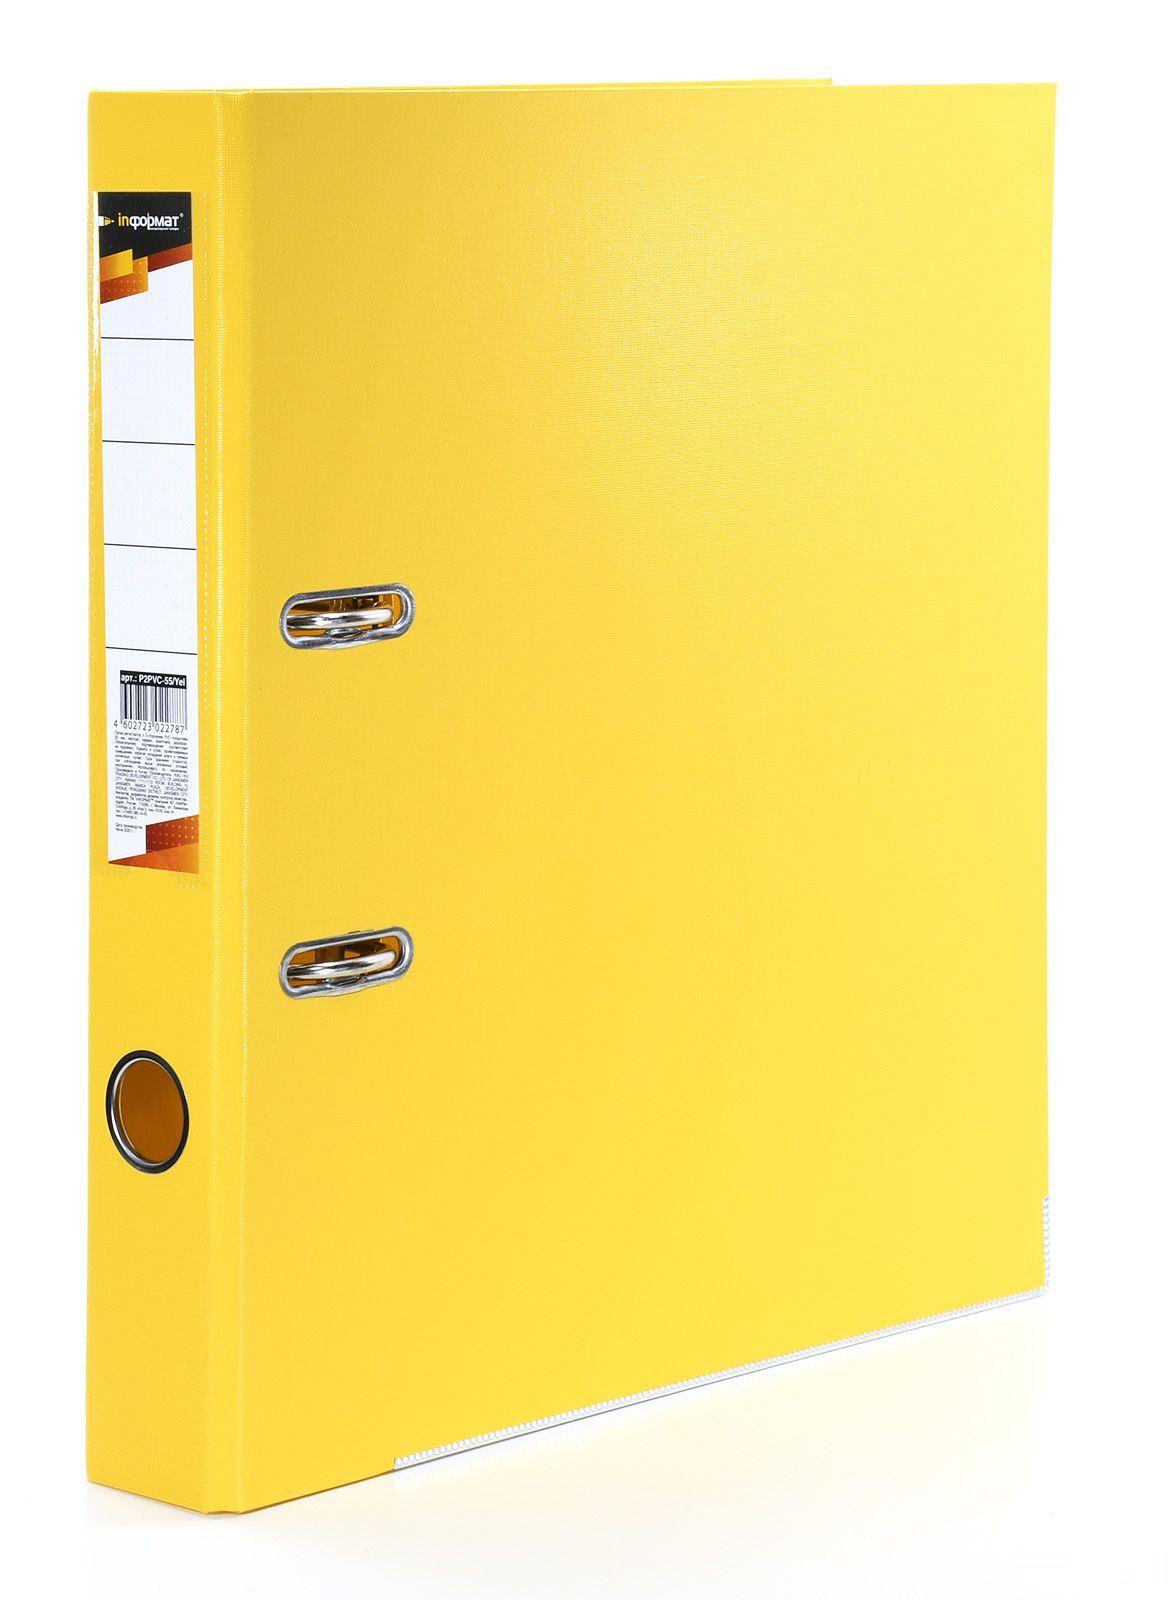 Папка-регистратор INFORMAT 55 мм двухстороннее покрытие PVC, желтая